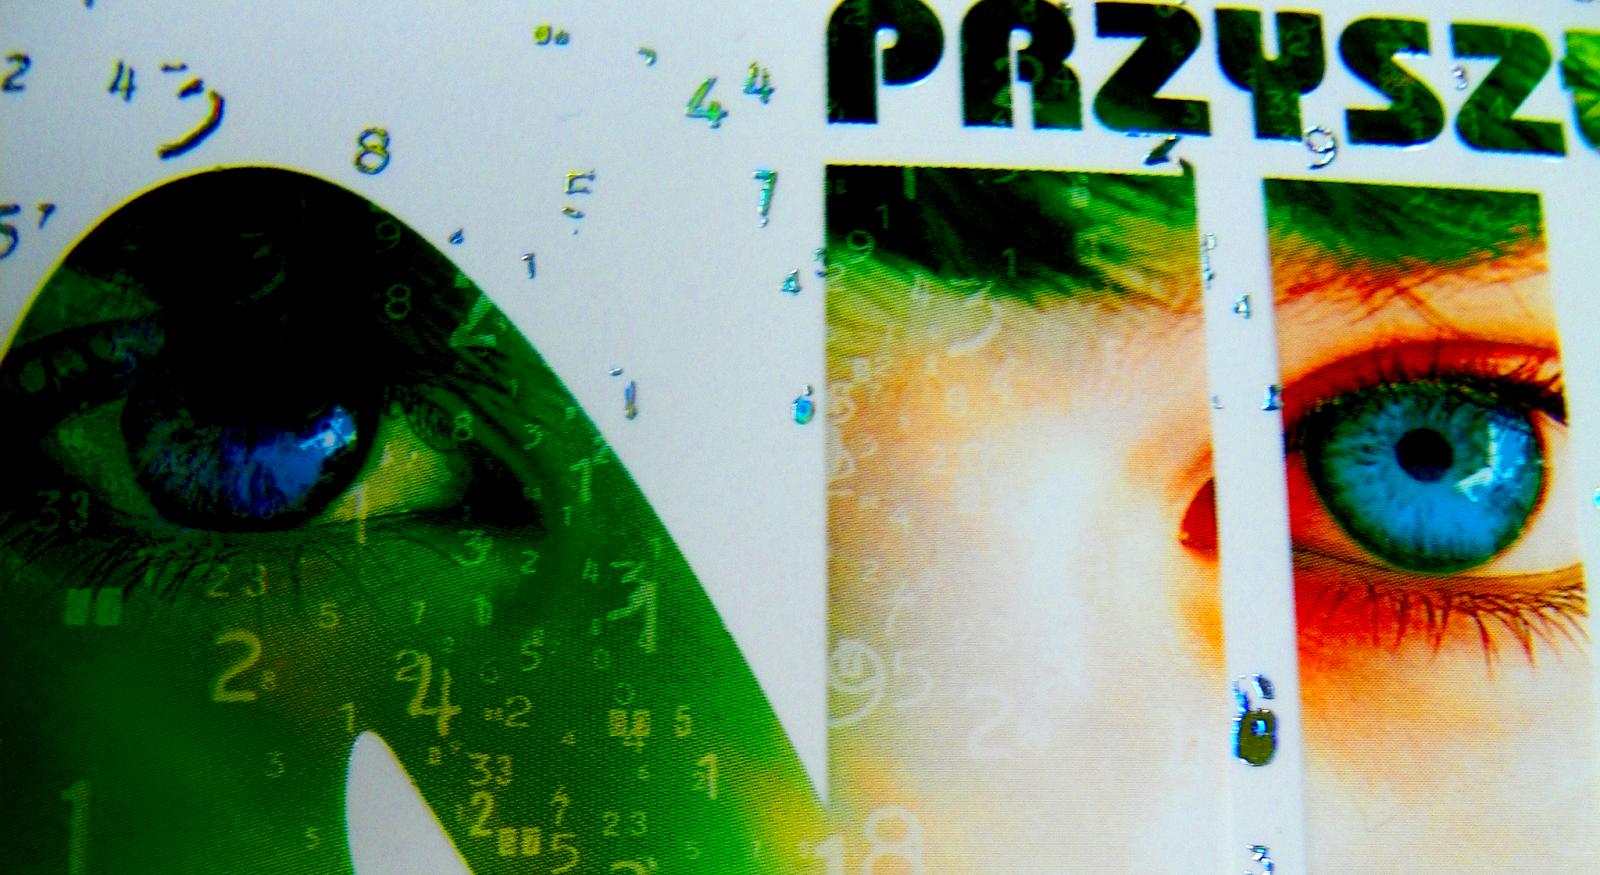 http://secret-books.blogspot.com/2014/10/przyszosc-nie-zeby-optymistyczna.html